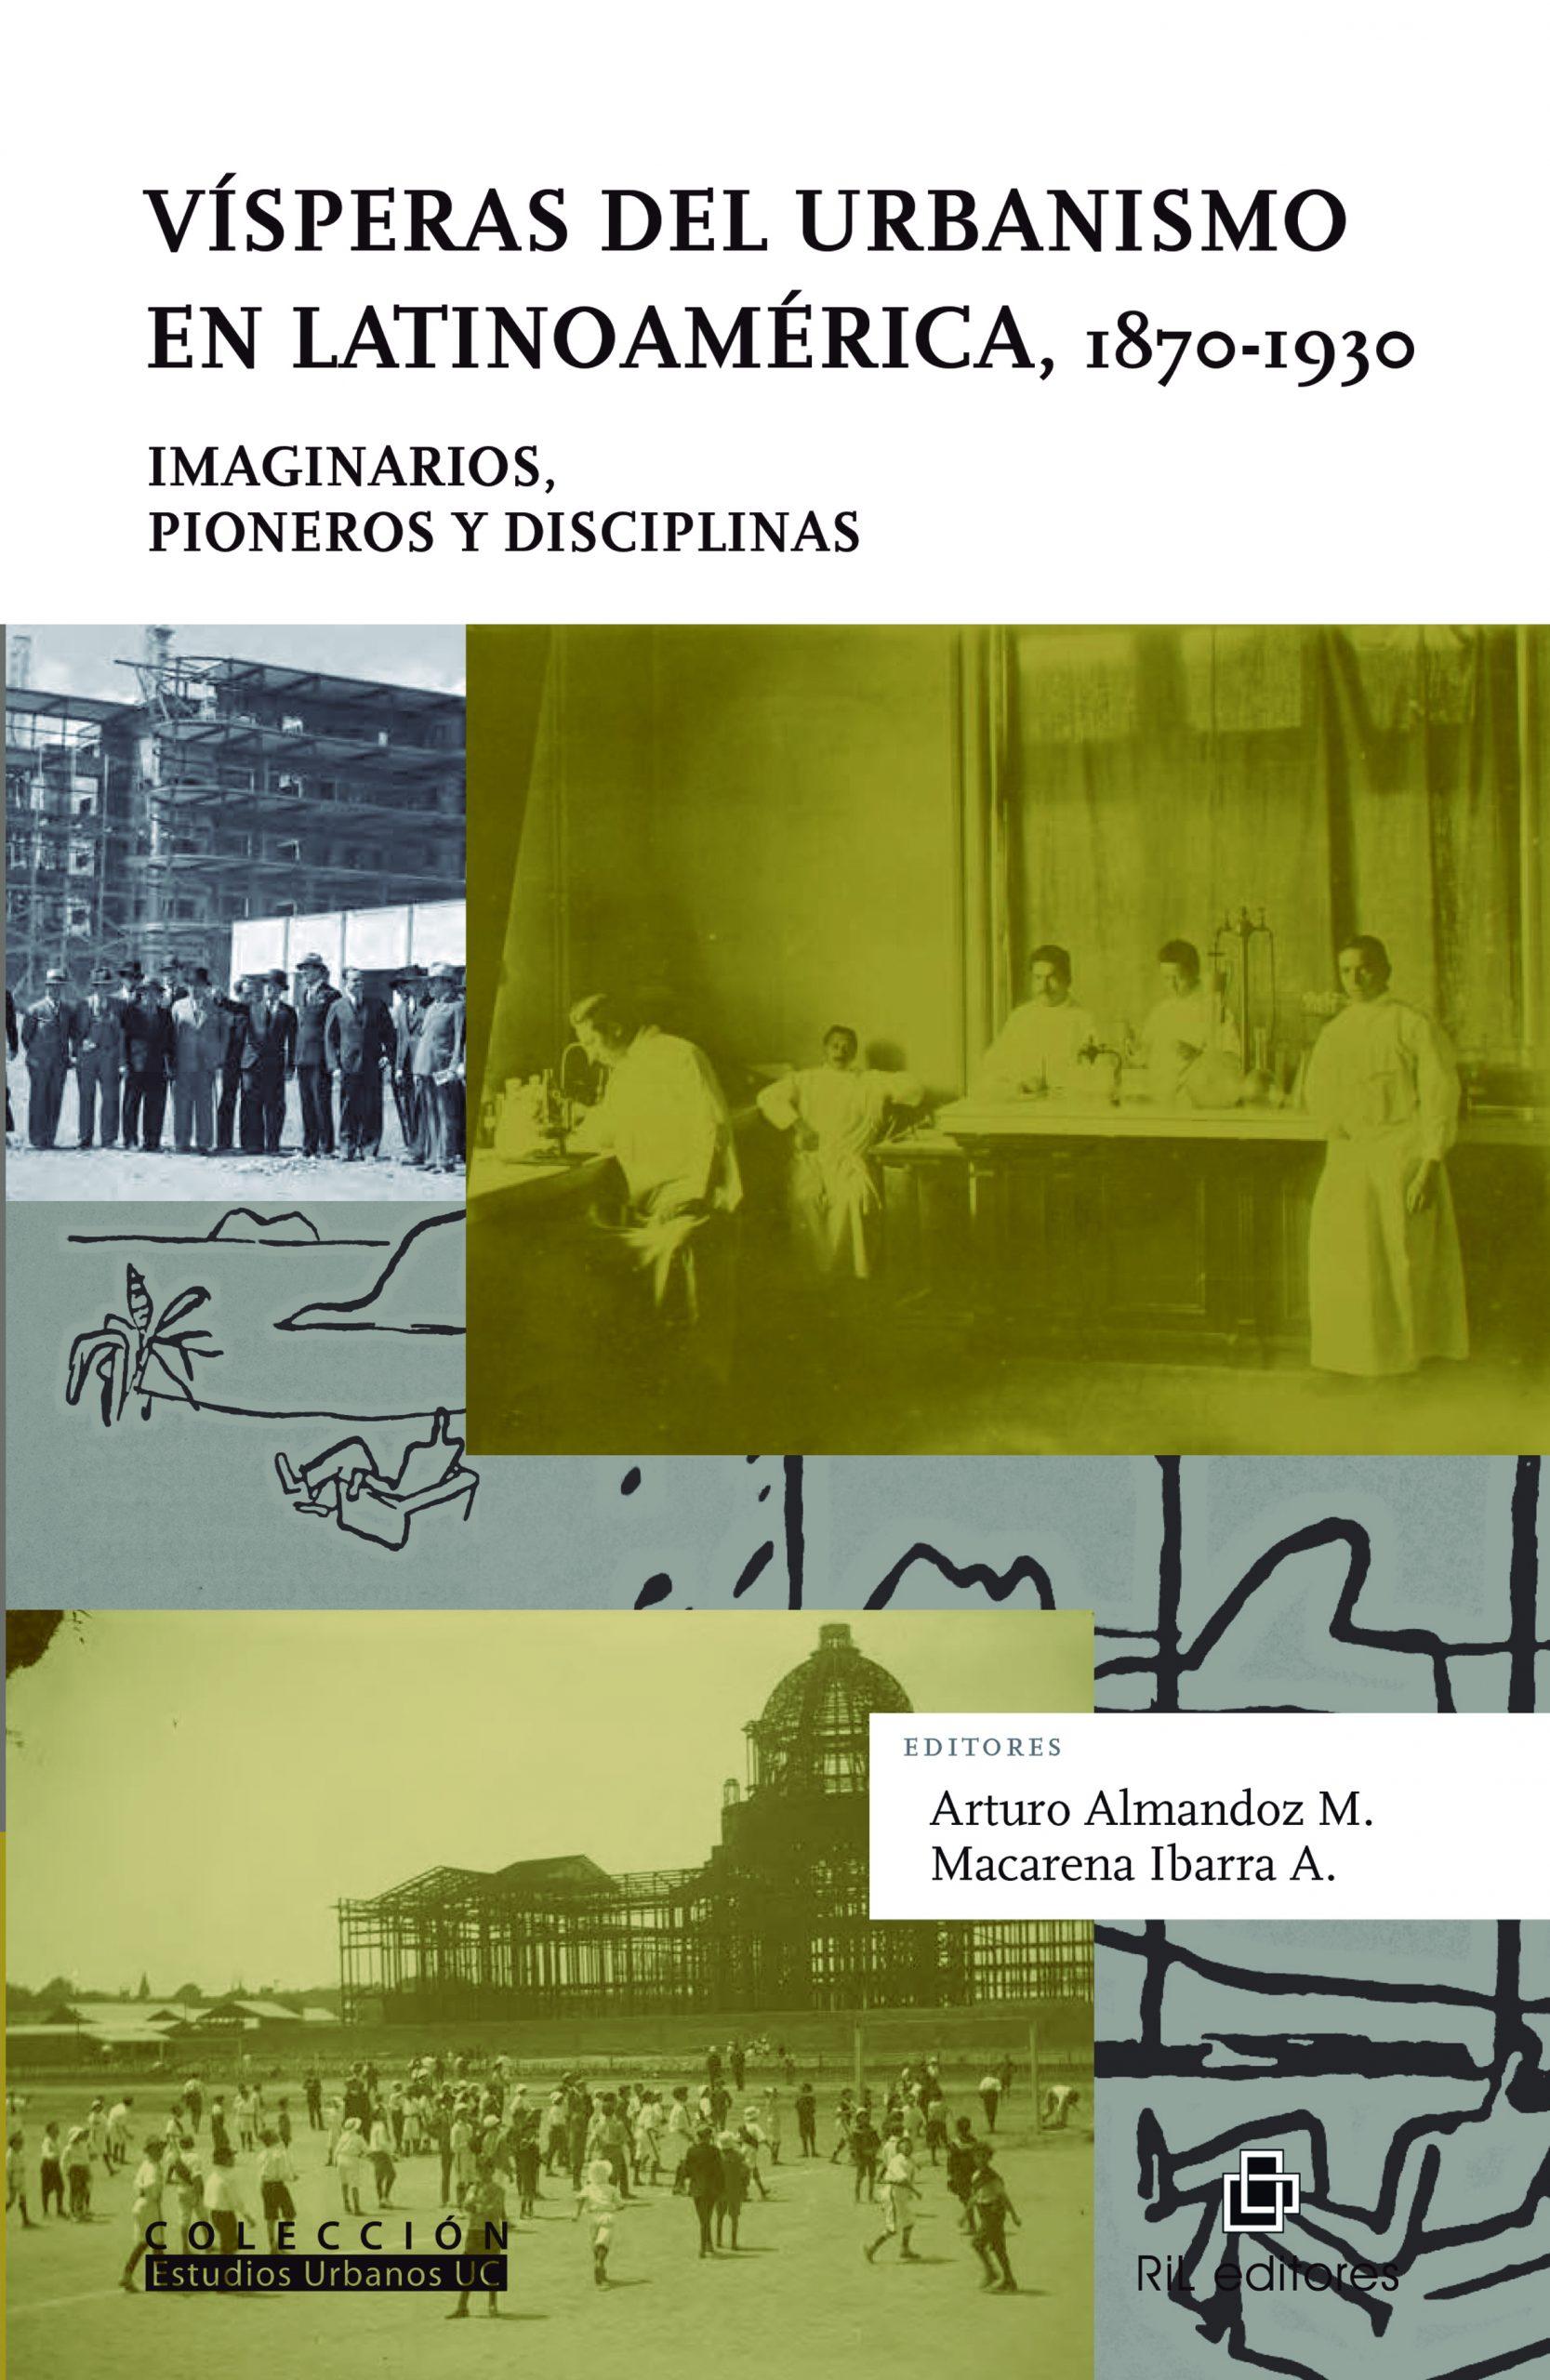 Vísperas del urbanismo en Latinoamérica. Imaginarios, pioneros y disciplinas